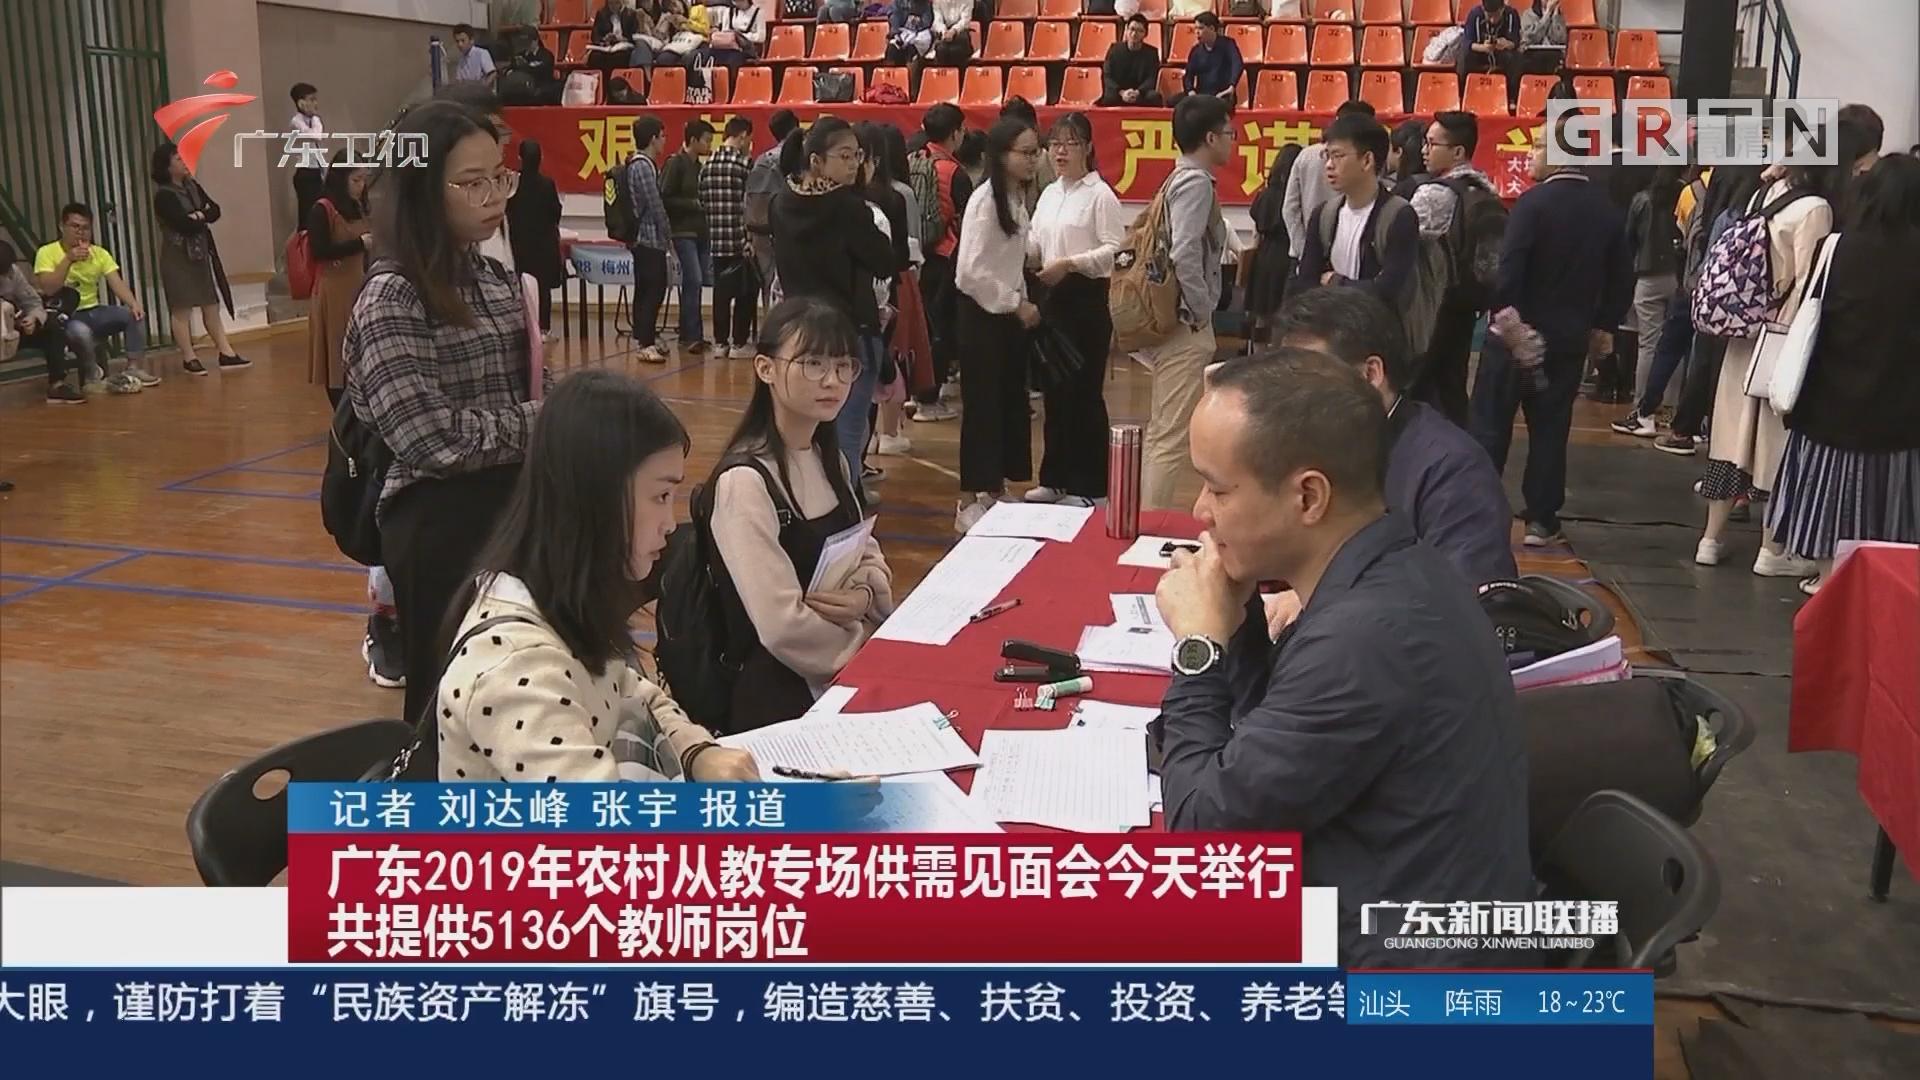 广东2019年农村从教专场供需见面会今天举行 共提供5136个教师岗位